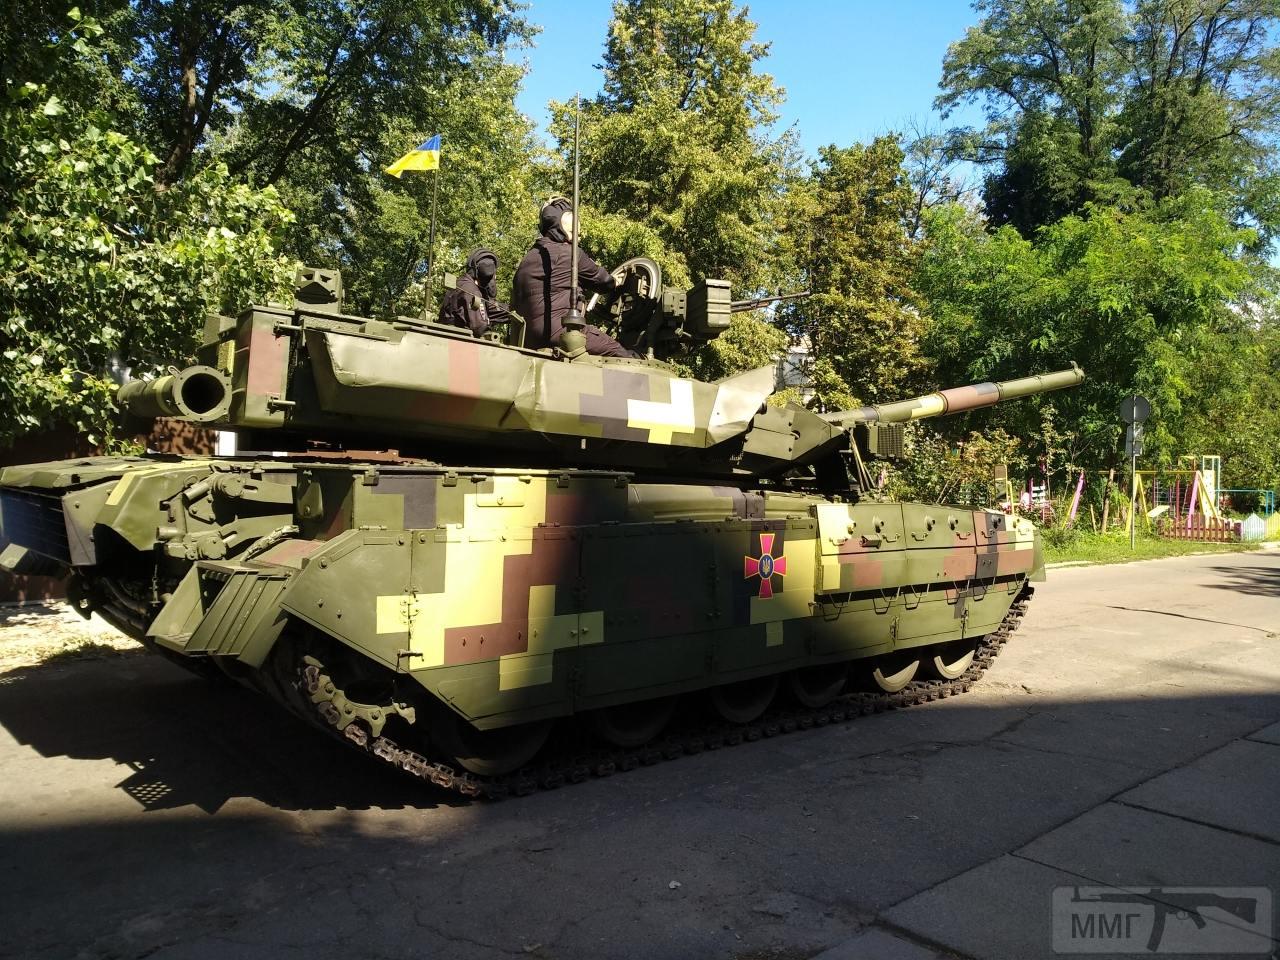 33728 - Реалії ЗС України: позитивні та негативні нюанси.